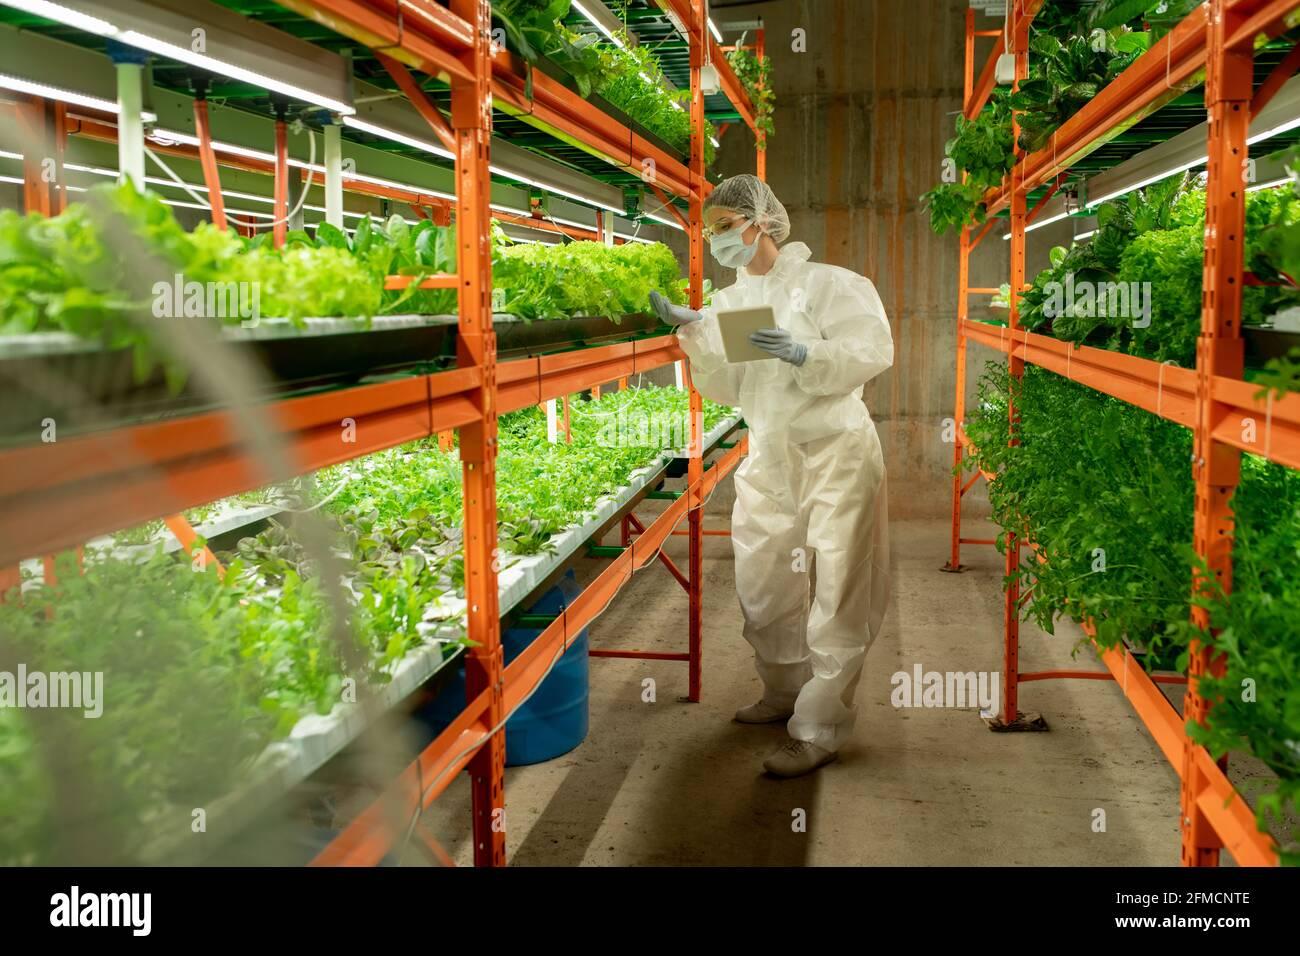 Ingénieur agricole en vêtements de travail de protection debout sur la tablette verticale de la ferme et en utilisant une tablette tout en contrôlant la qualité des verts Banque D'Images